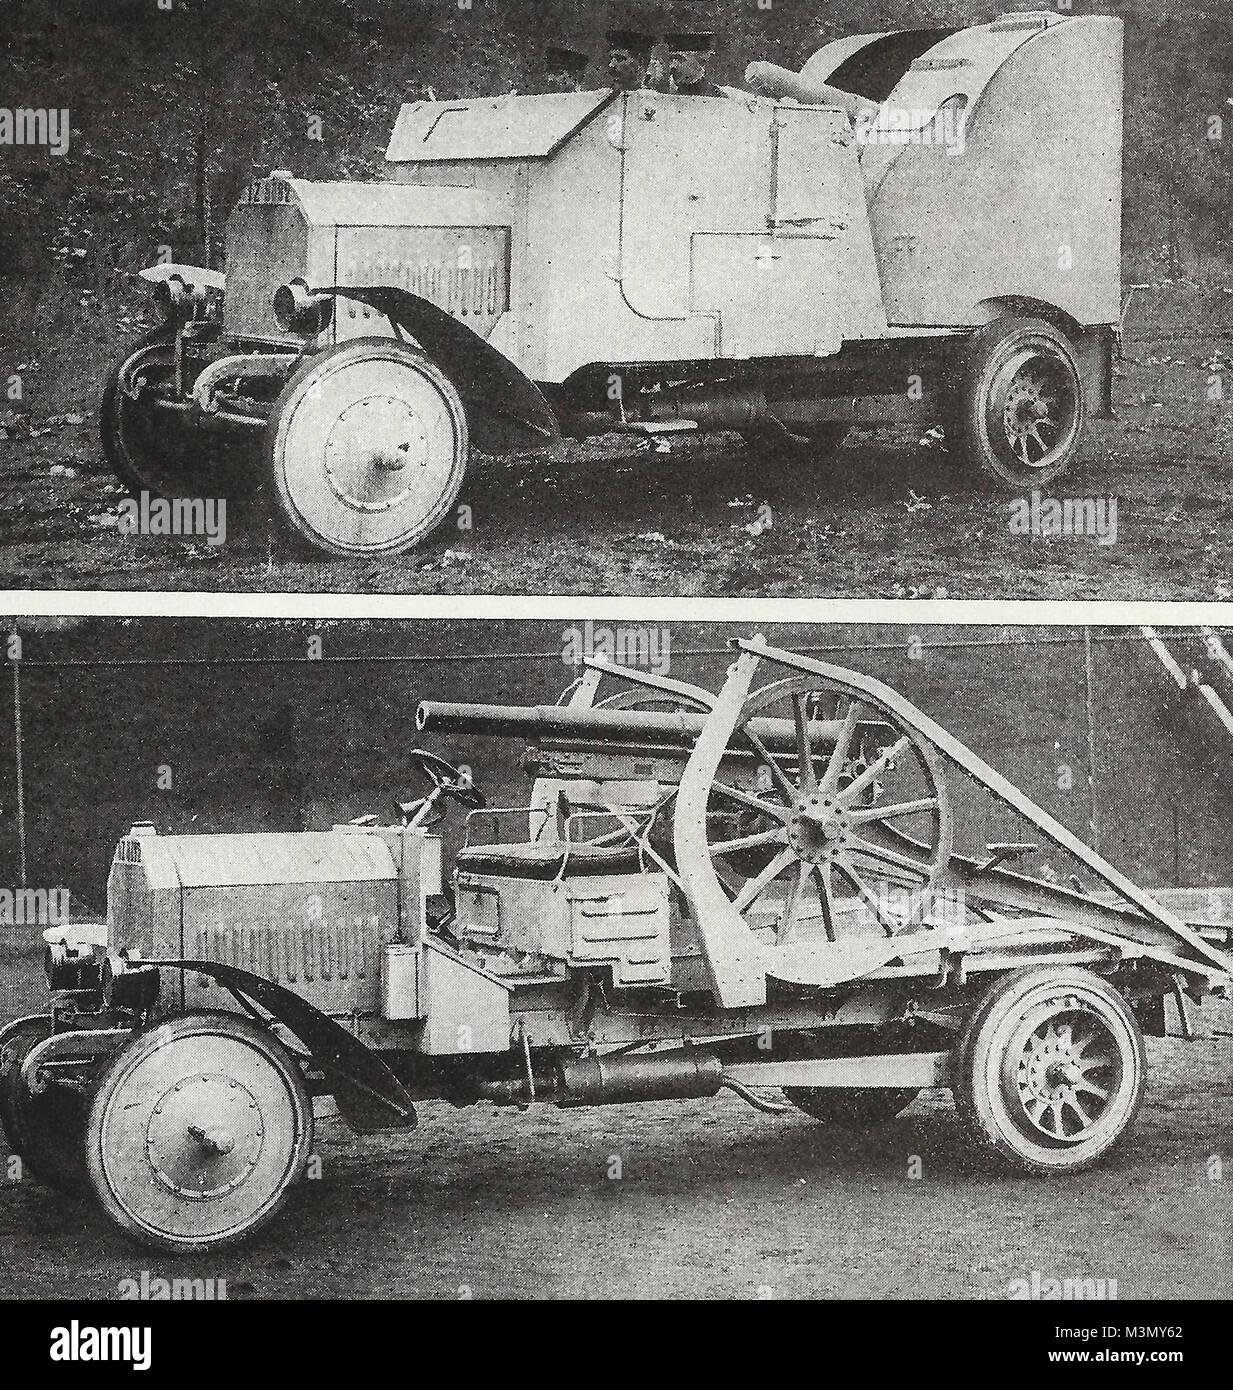 Un tedesco di furgoni blindati che porta artiglieria di armatura di protezione e quindi rimuove la corazza per utilizzare Immagini Stock